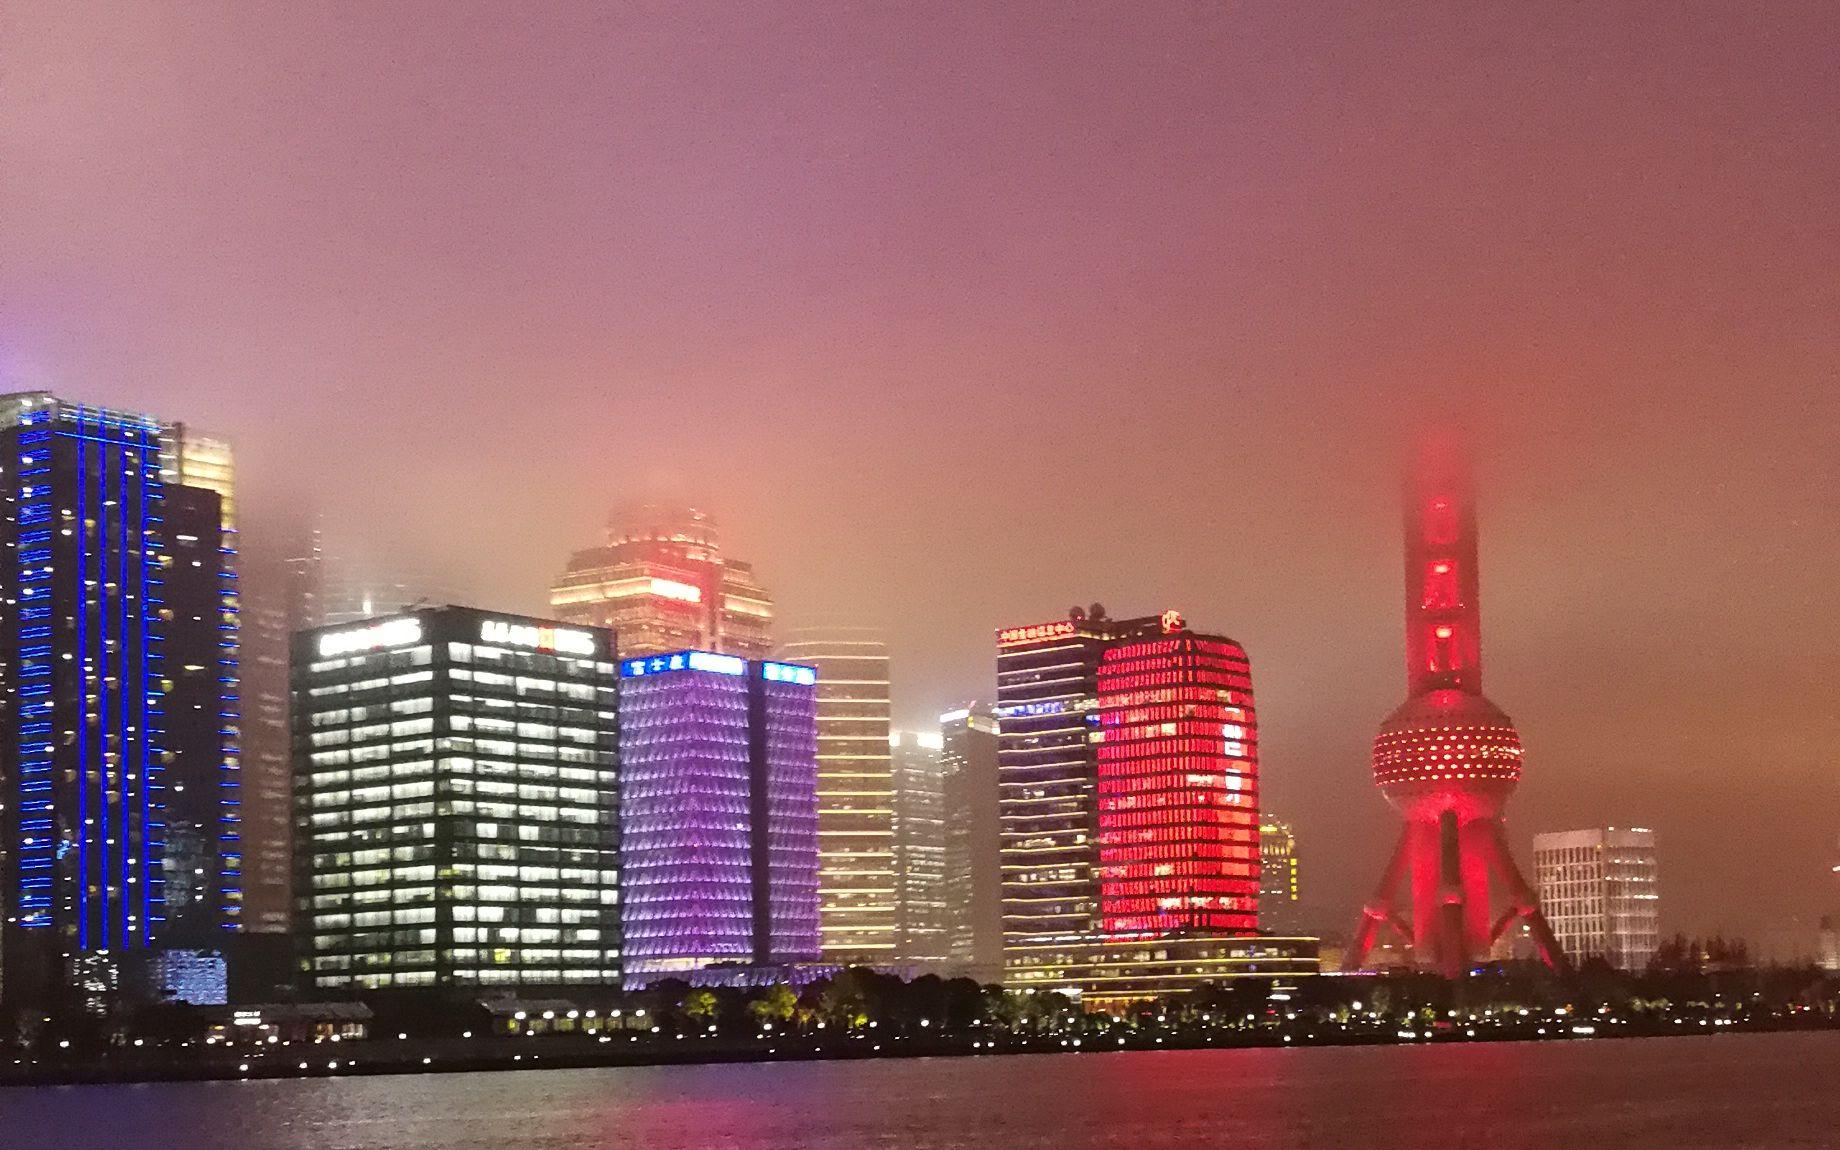 上海首次进全球金融中心三强 吴清:望继续保持在最有影响力行列